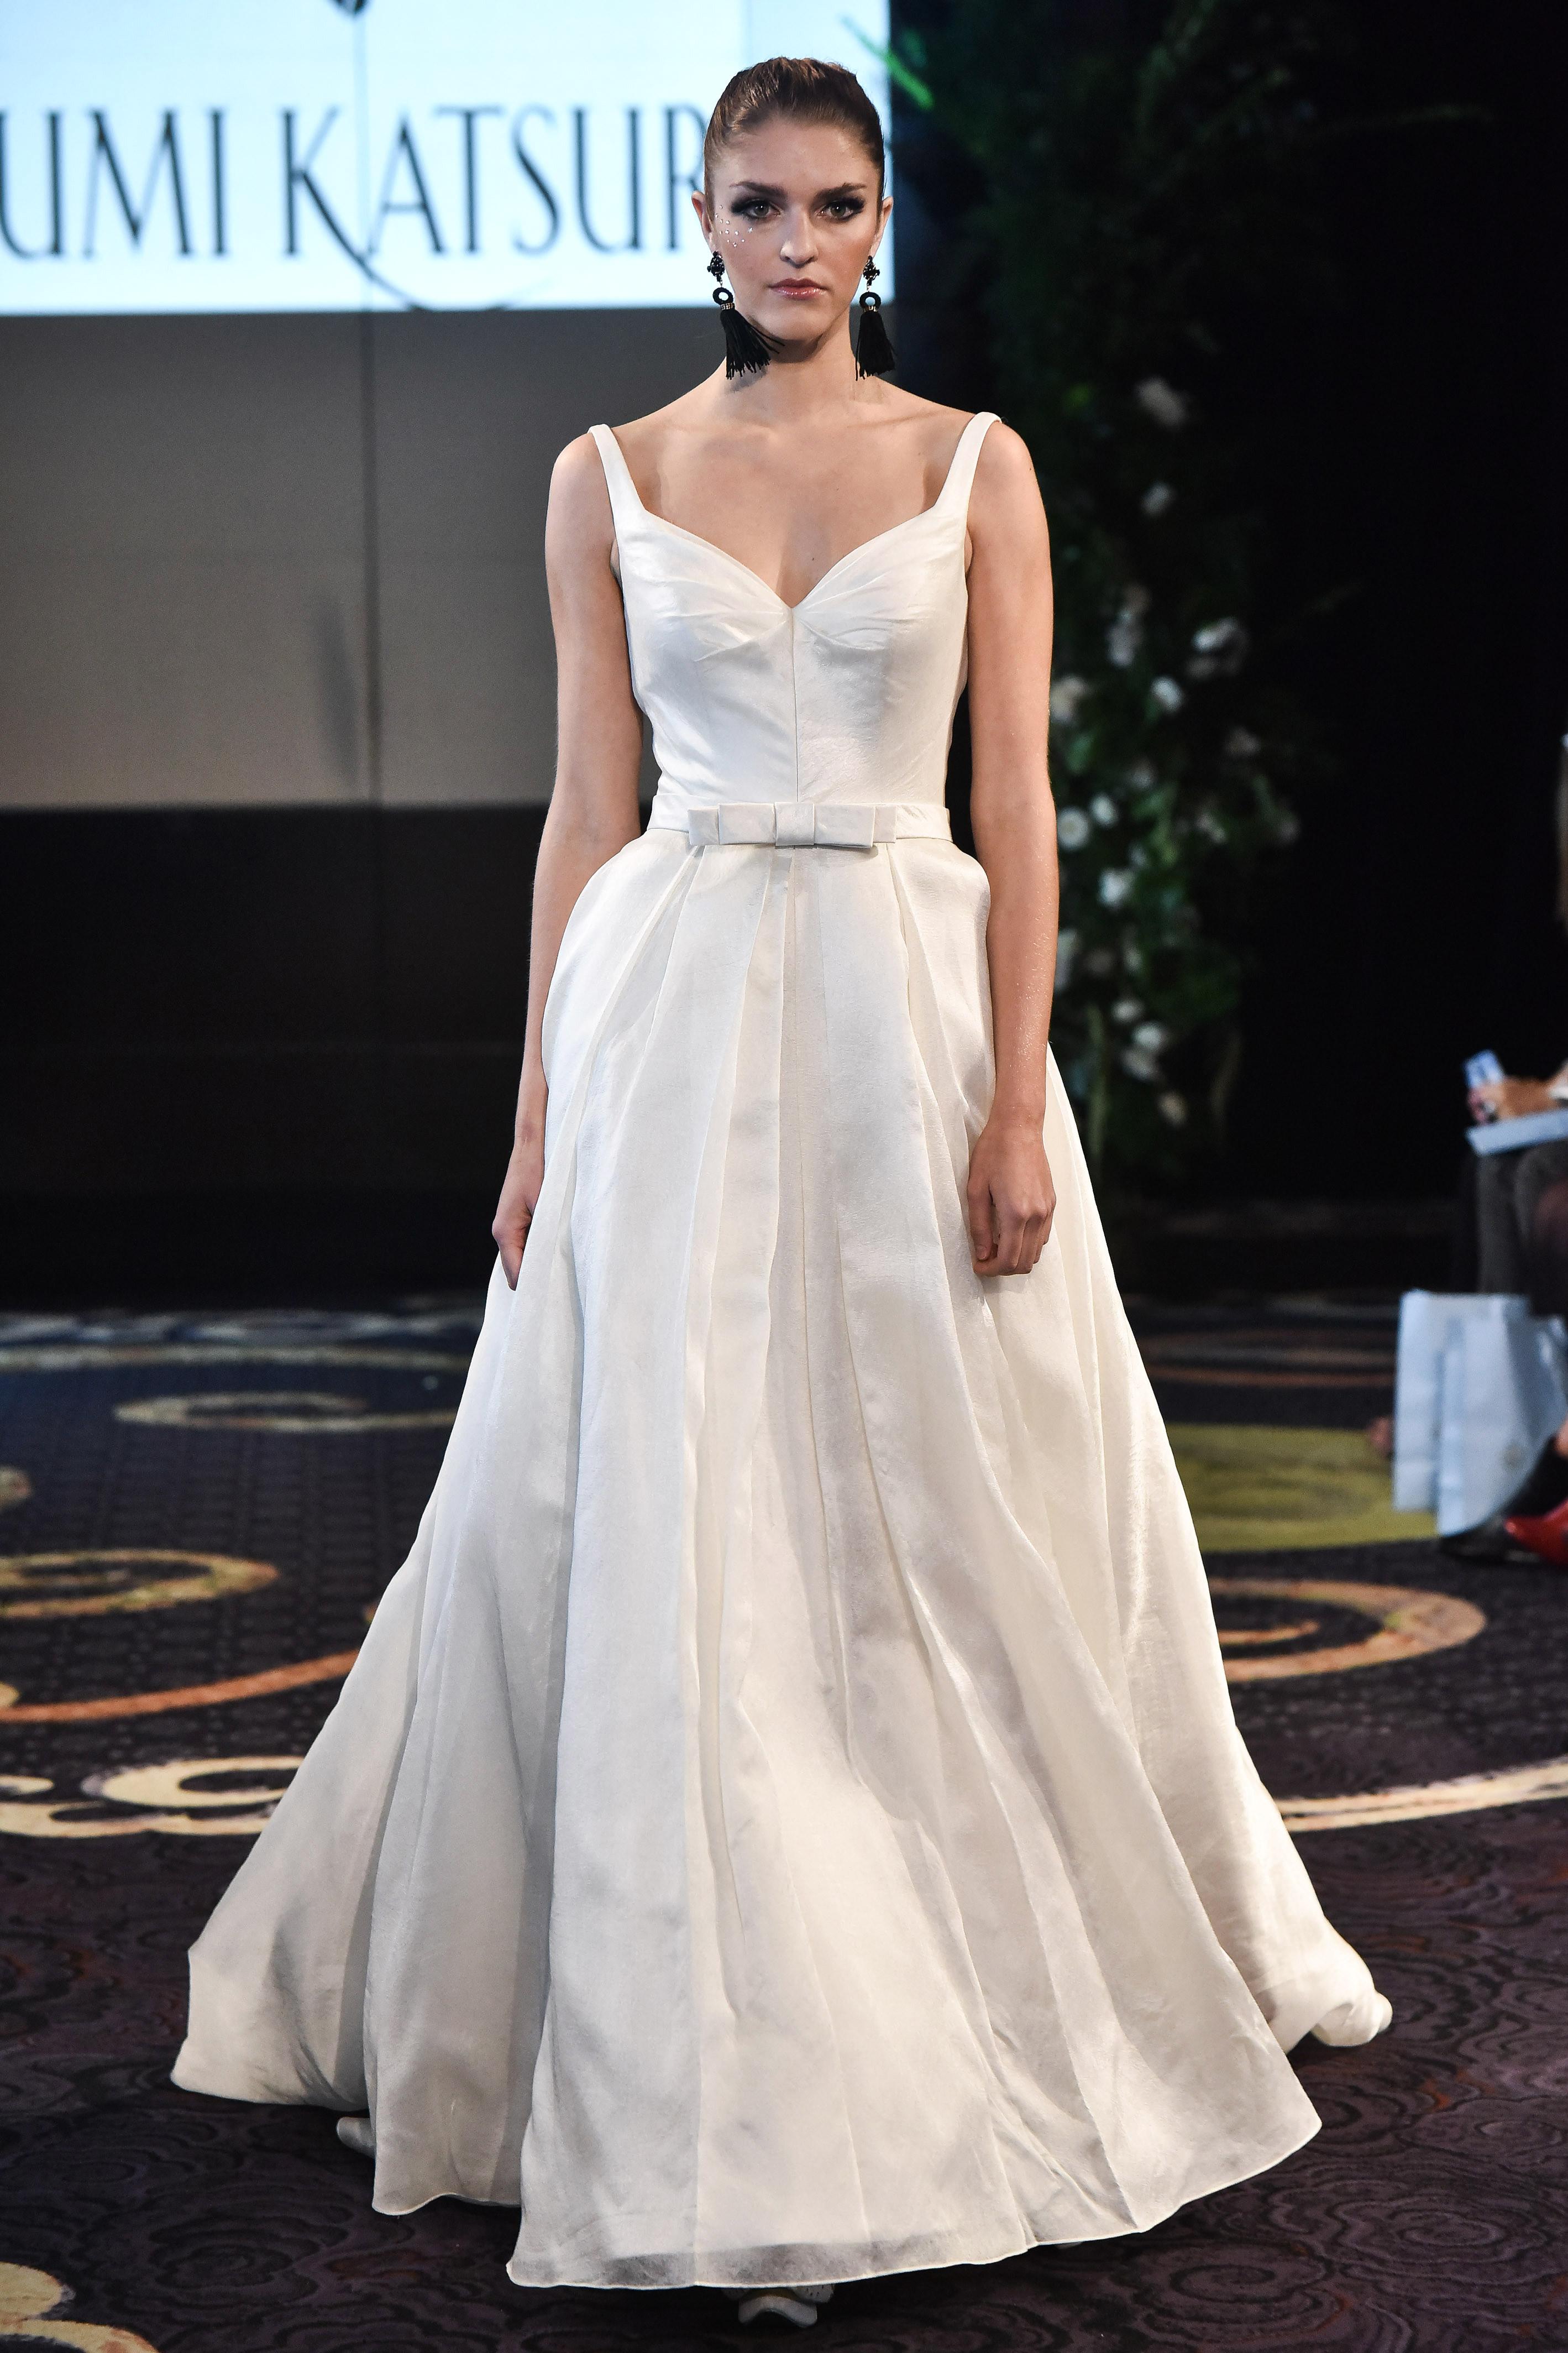 yumi katsura fall 2018 sweetheart belted wedding dress